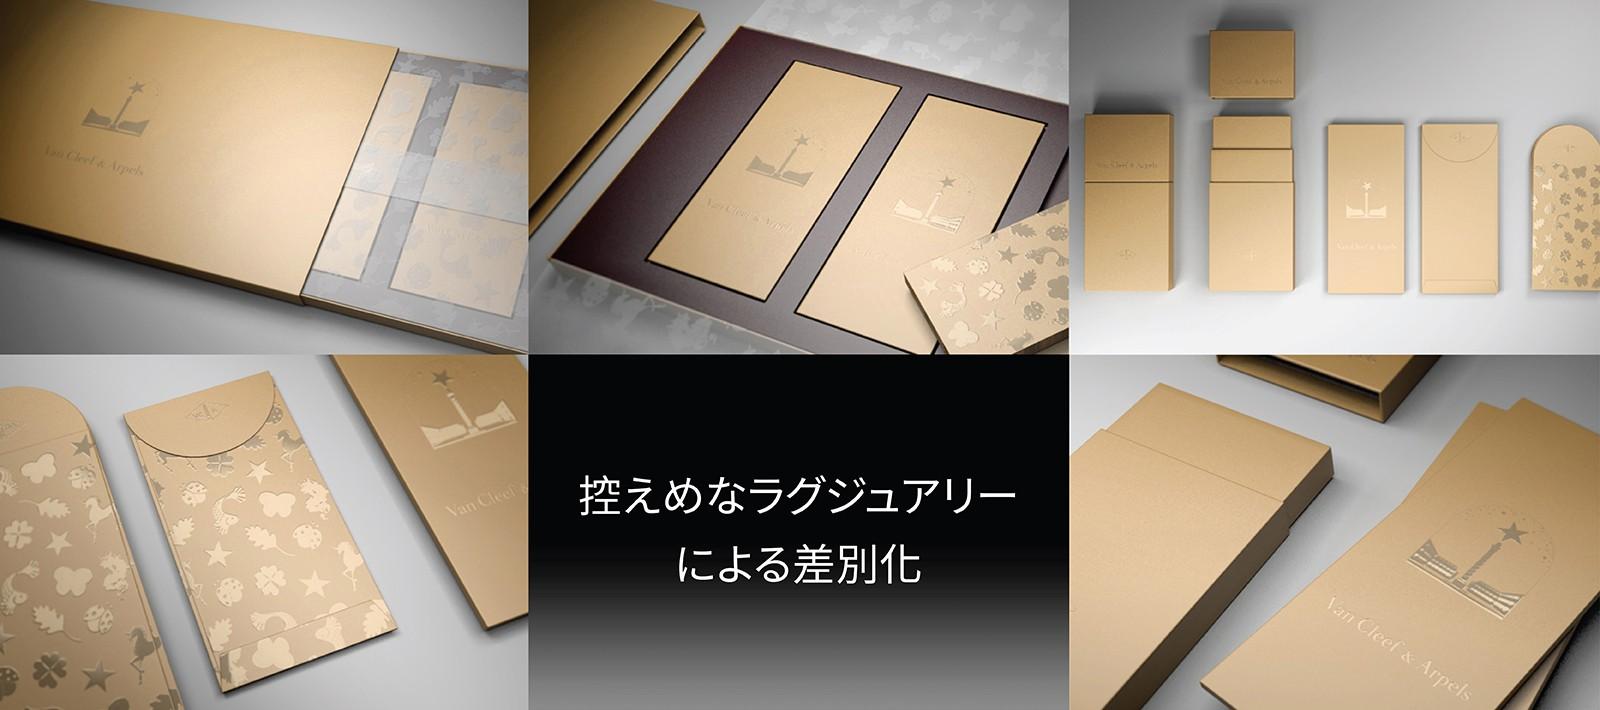 Van-cleef-and-arpels-luxury-packaging-design-jp